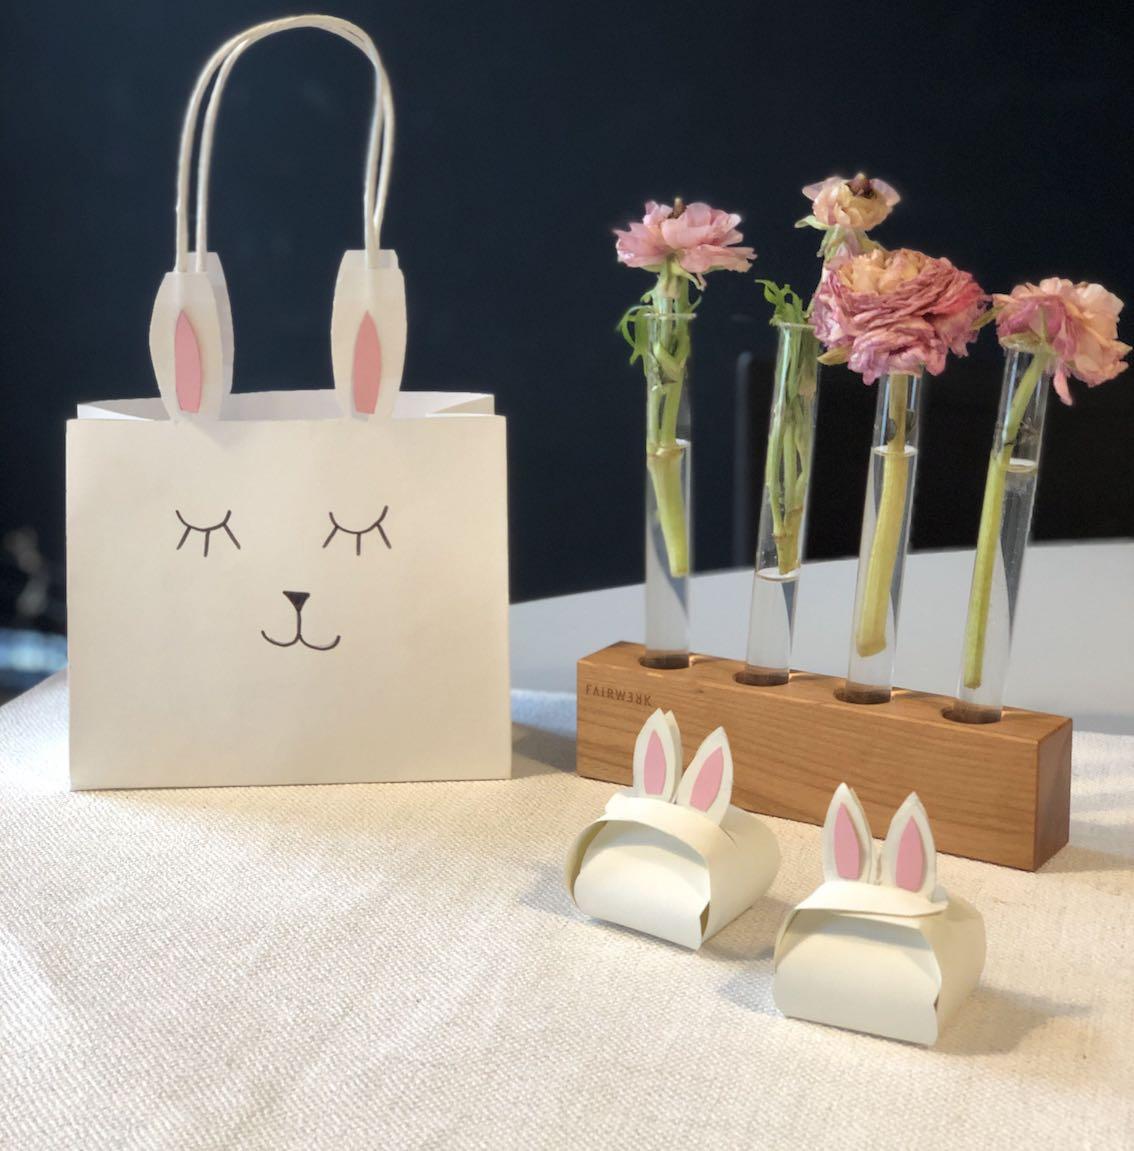 Ostern Ideen.3 Diy Ideen Für Geschenke Zu Ostern Hejpix